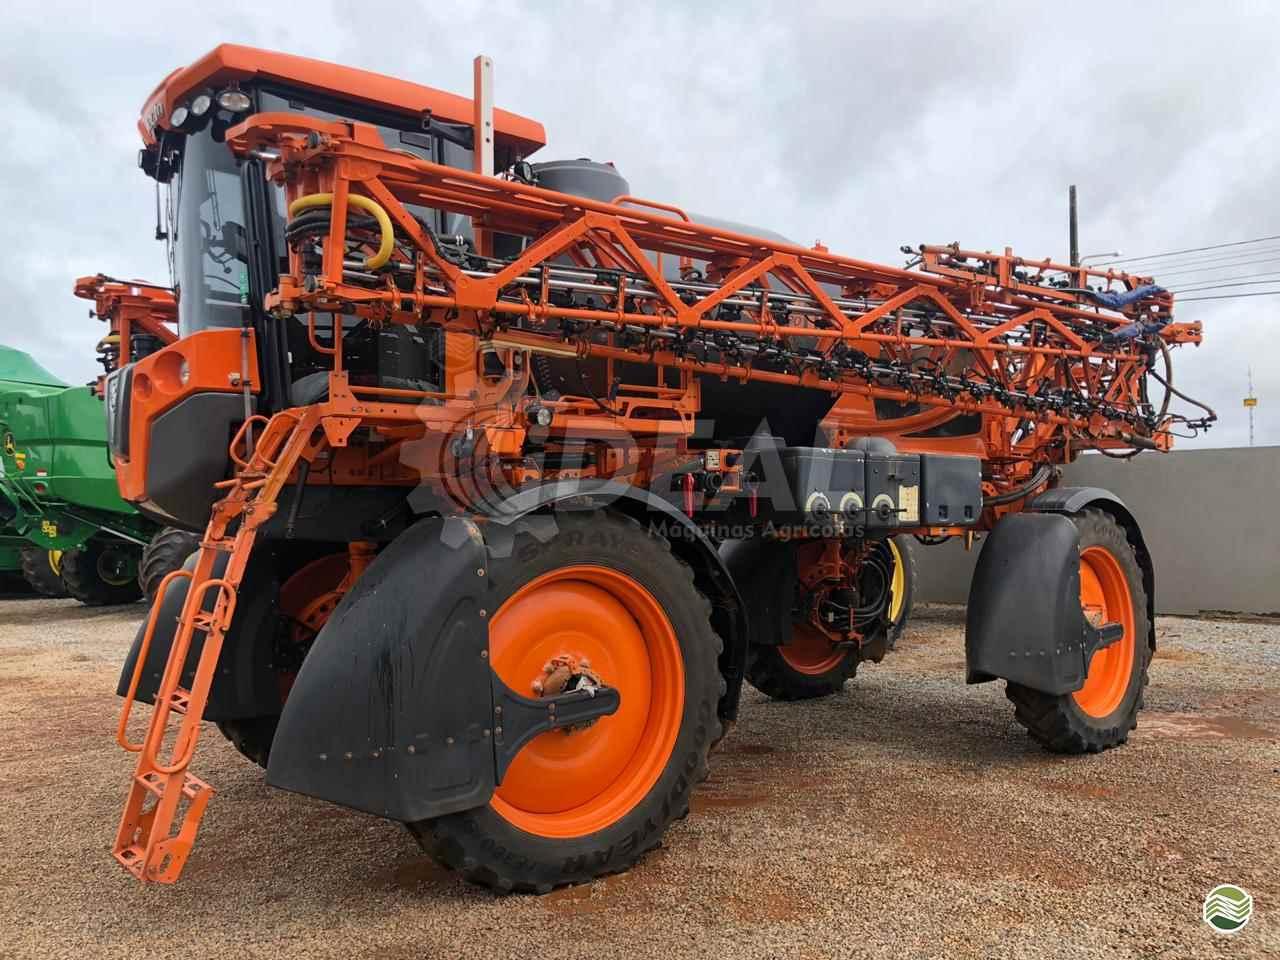 PULVERIZADOR JACTO UNIPORT 4530 Tração 4x4 Ideal Máquinas Agrícolas SAO GONCALO DO SAPUCAI MINAS GERAIS MG